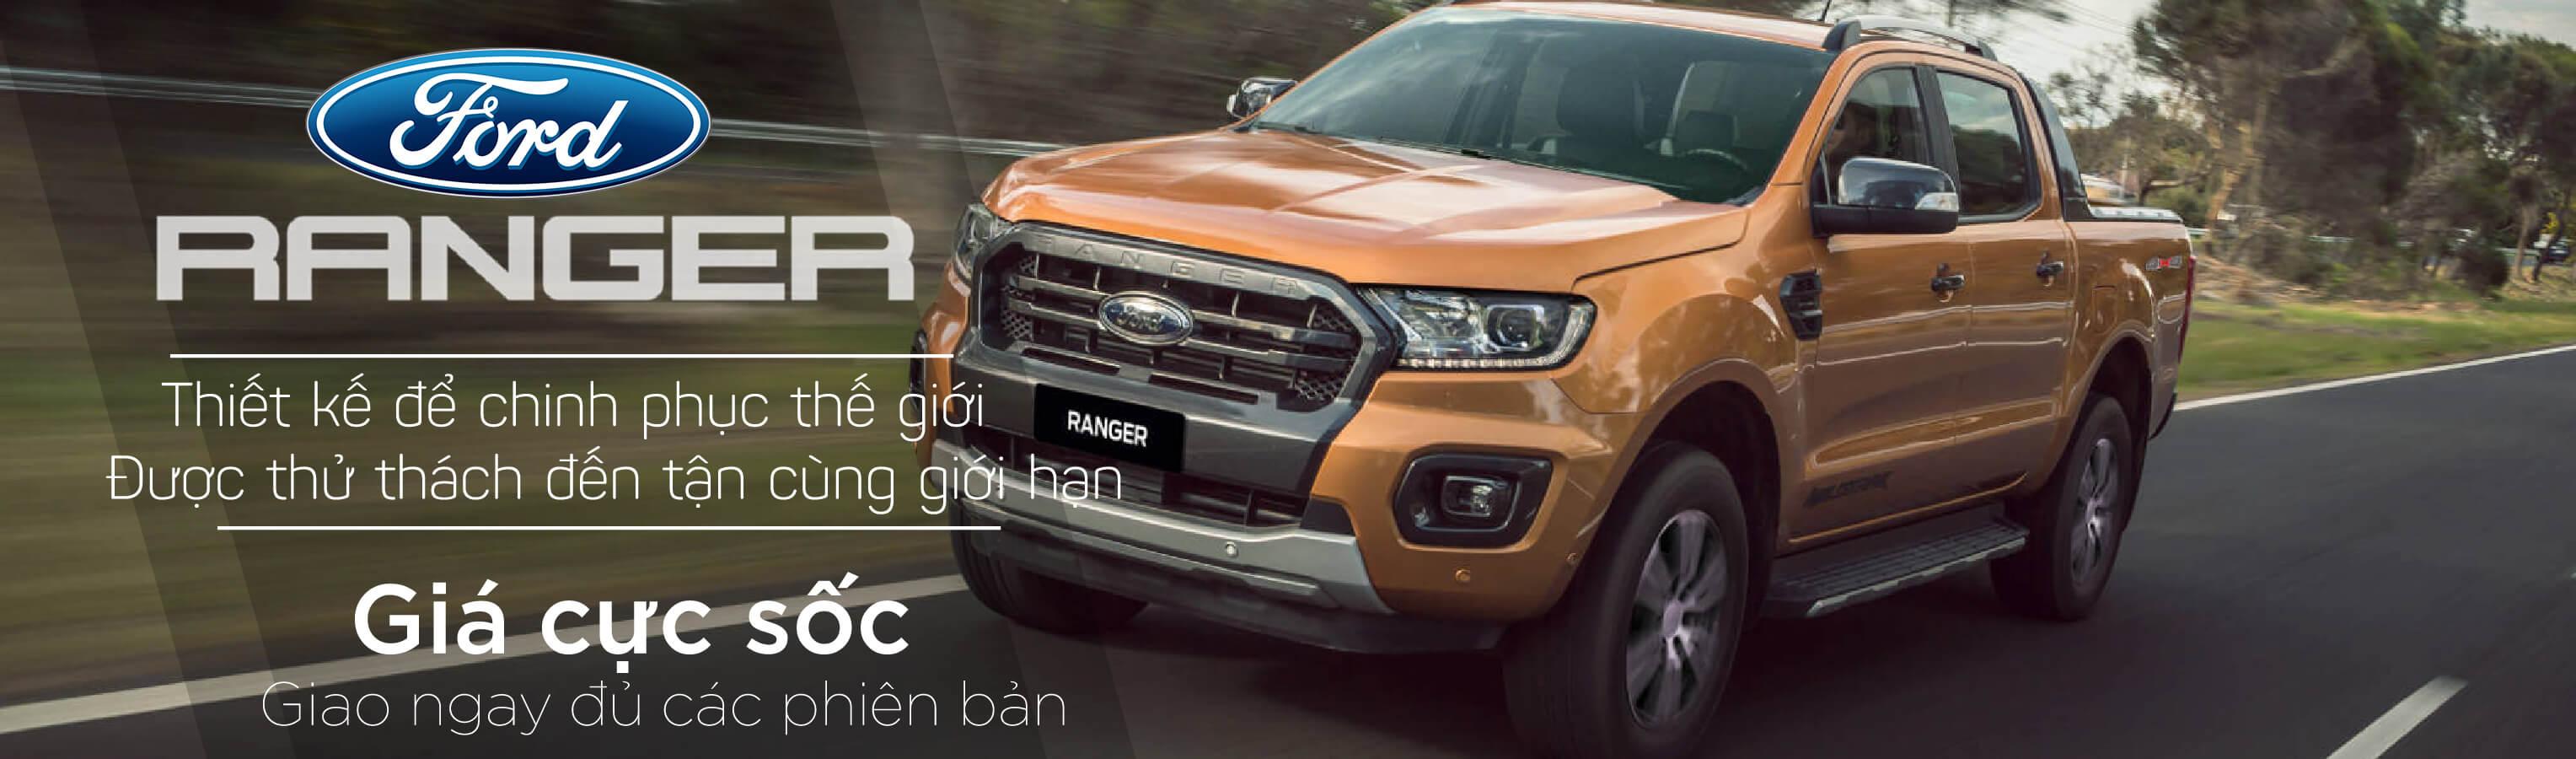 Ford Ranger 2021 - Chinh phục mọi địa hình